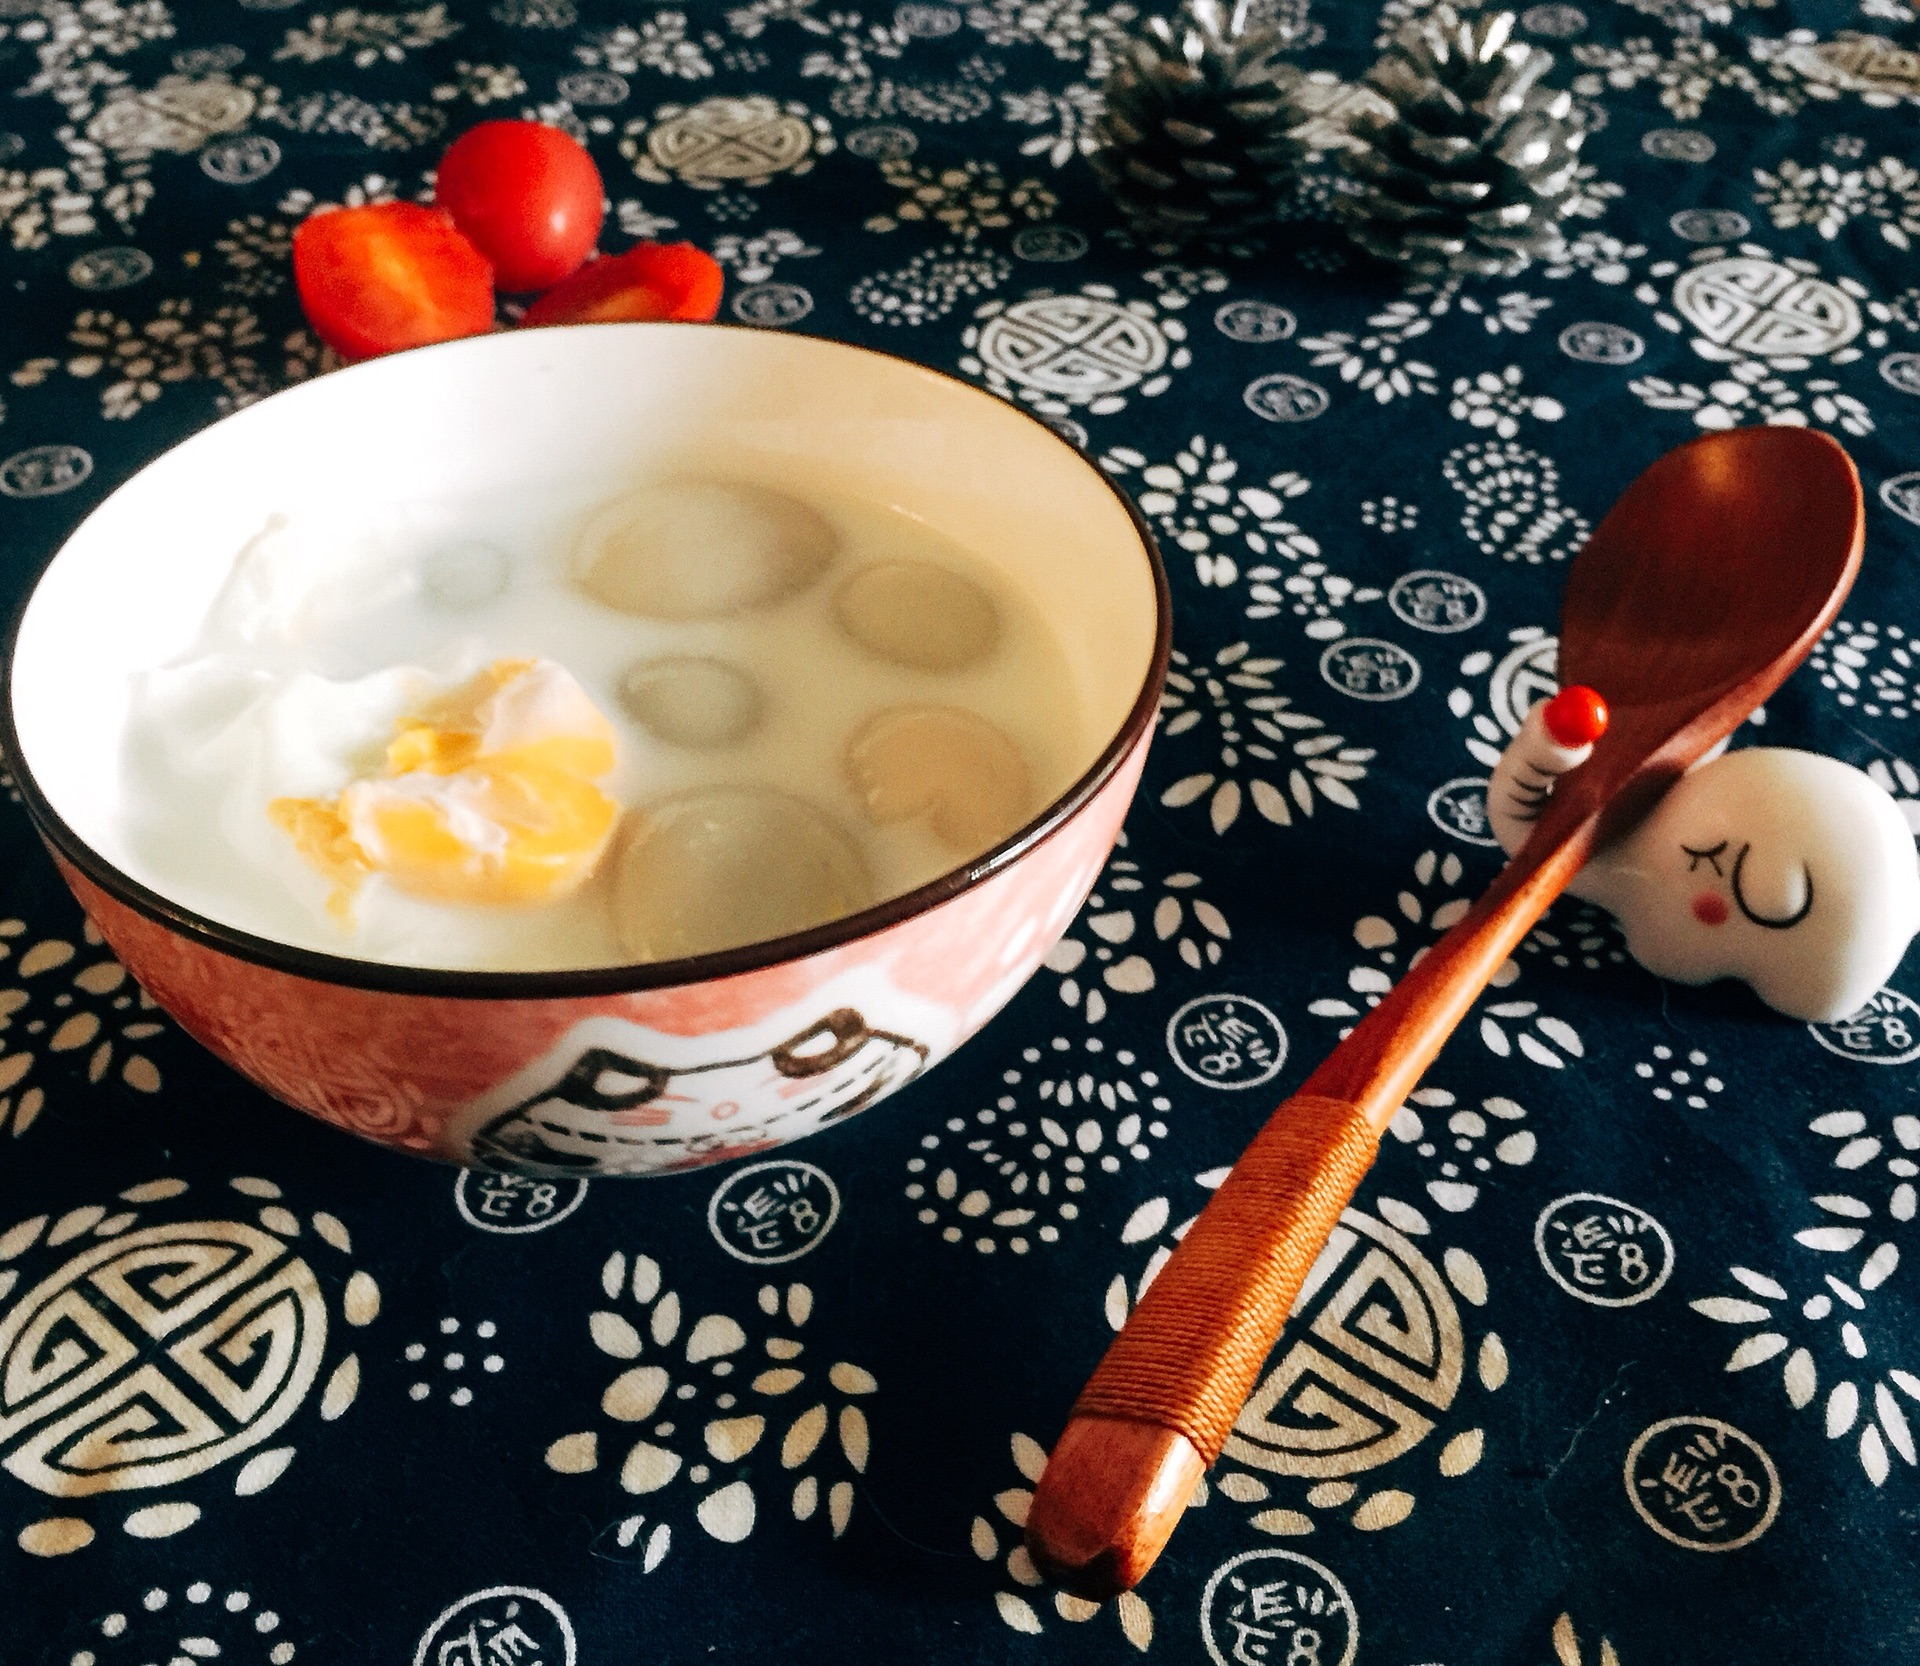 牛奶汤圆—加蛋版的做法图解4